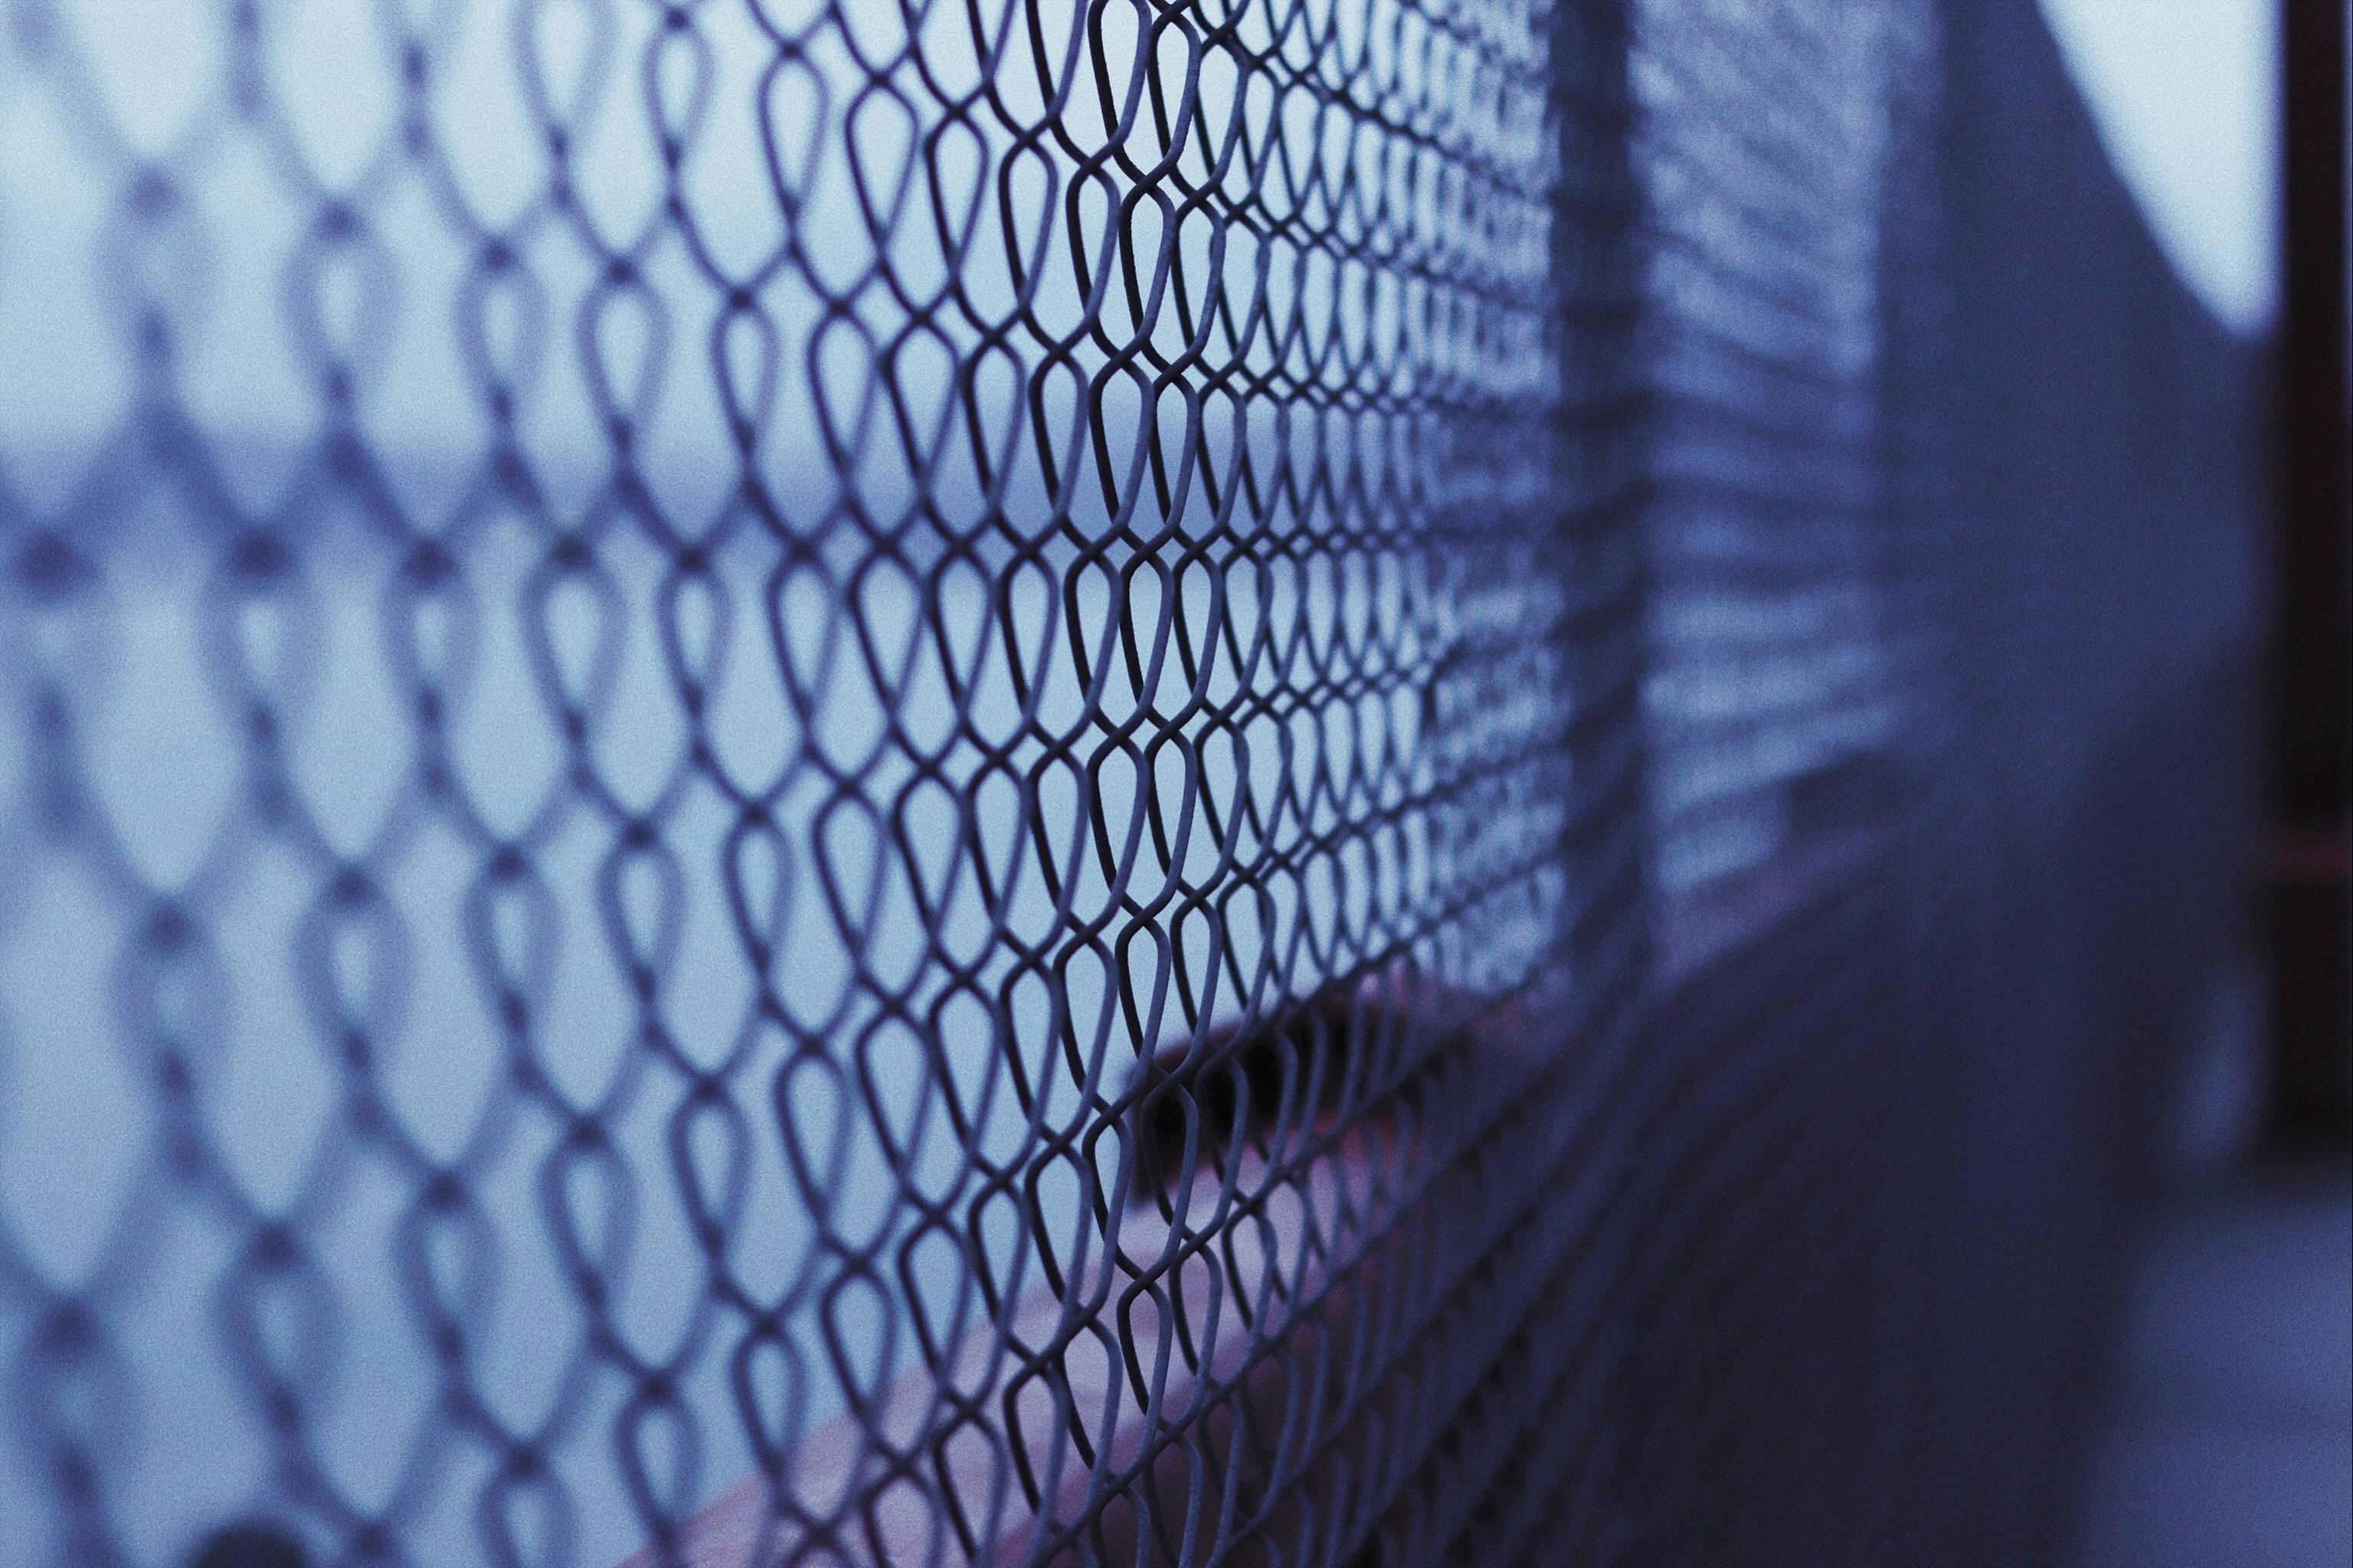 66138 Hintergrundbild herunterladen Verschiedenes, Sonstige, Gitter, Raster, Zaun, Metall, Zellen, Metallischen, Fechten, Gehäuse, Zelle - Bildschirmschoner und Bilder kostenlos